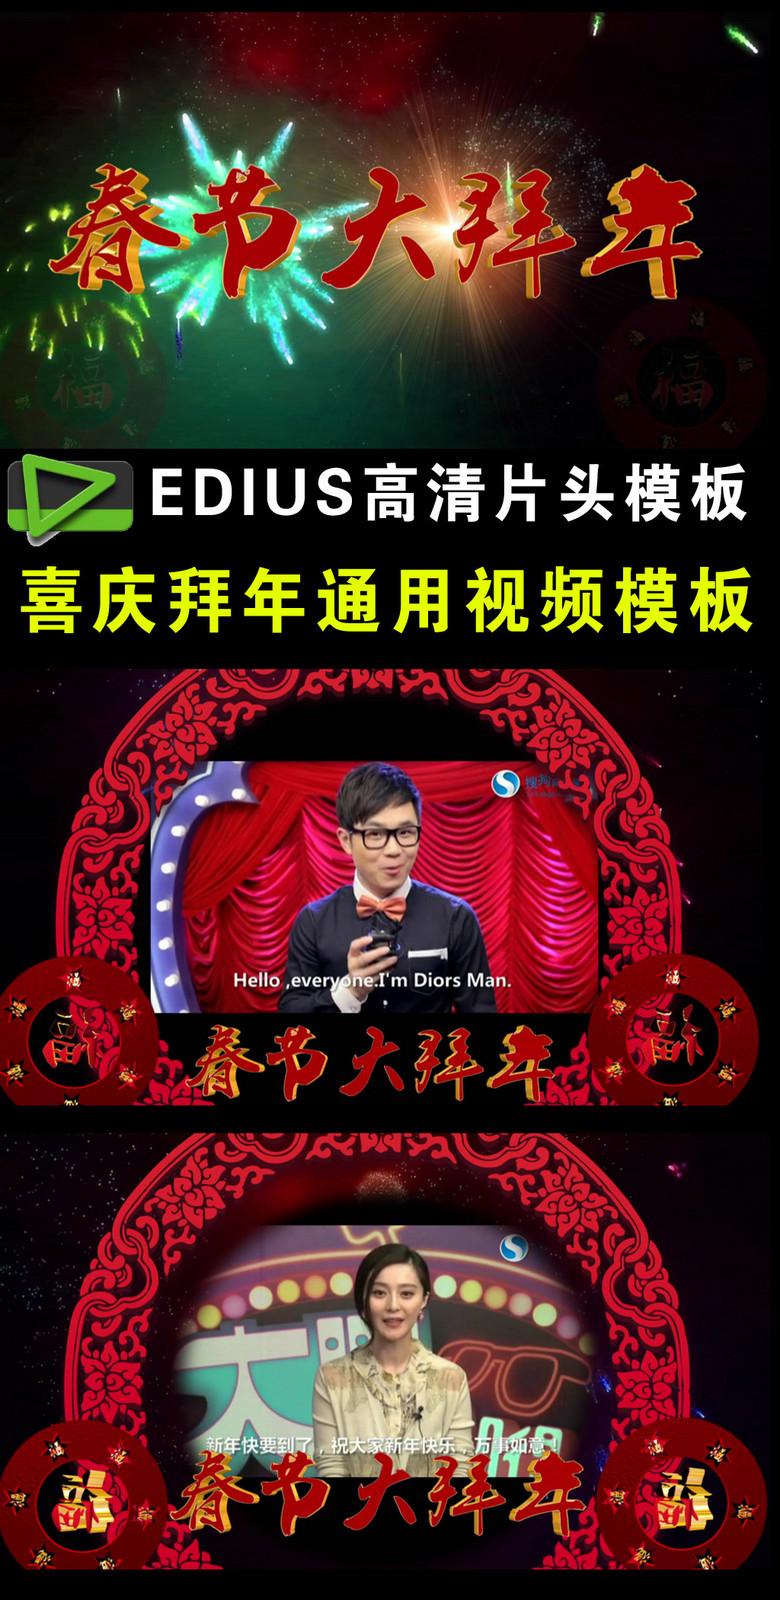 拜年视频_拜年edius视频模板